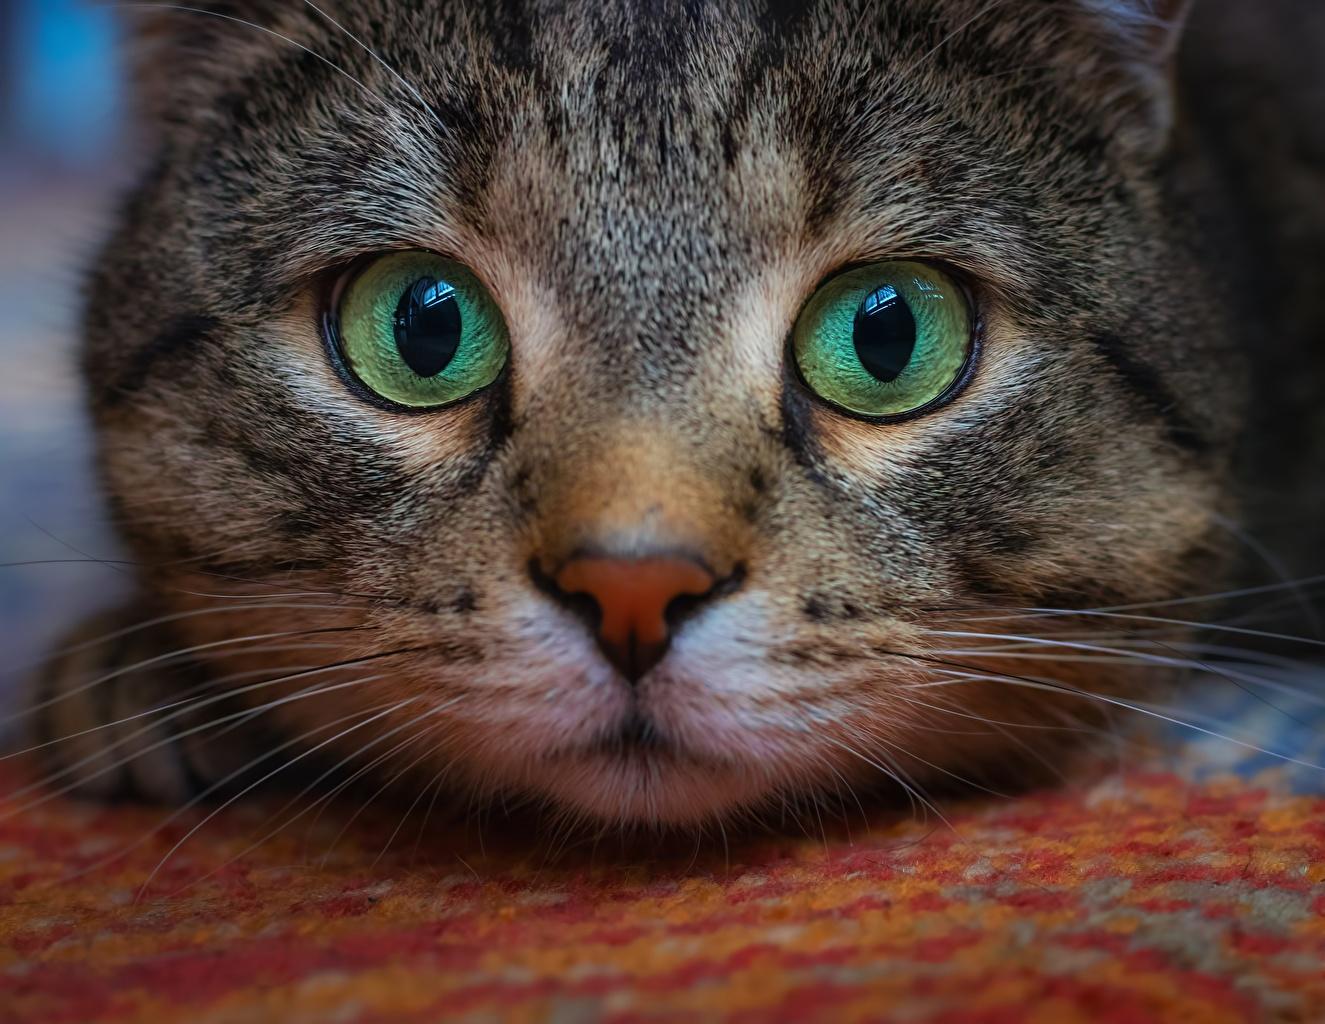 Foto Hauskatze Augen Schnurrhaare Vibrisse Schnauze Tiere Blick Katze Katzen Starren ein Tier